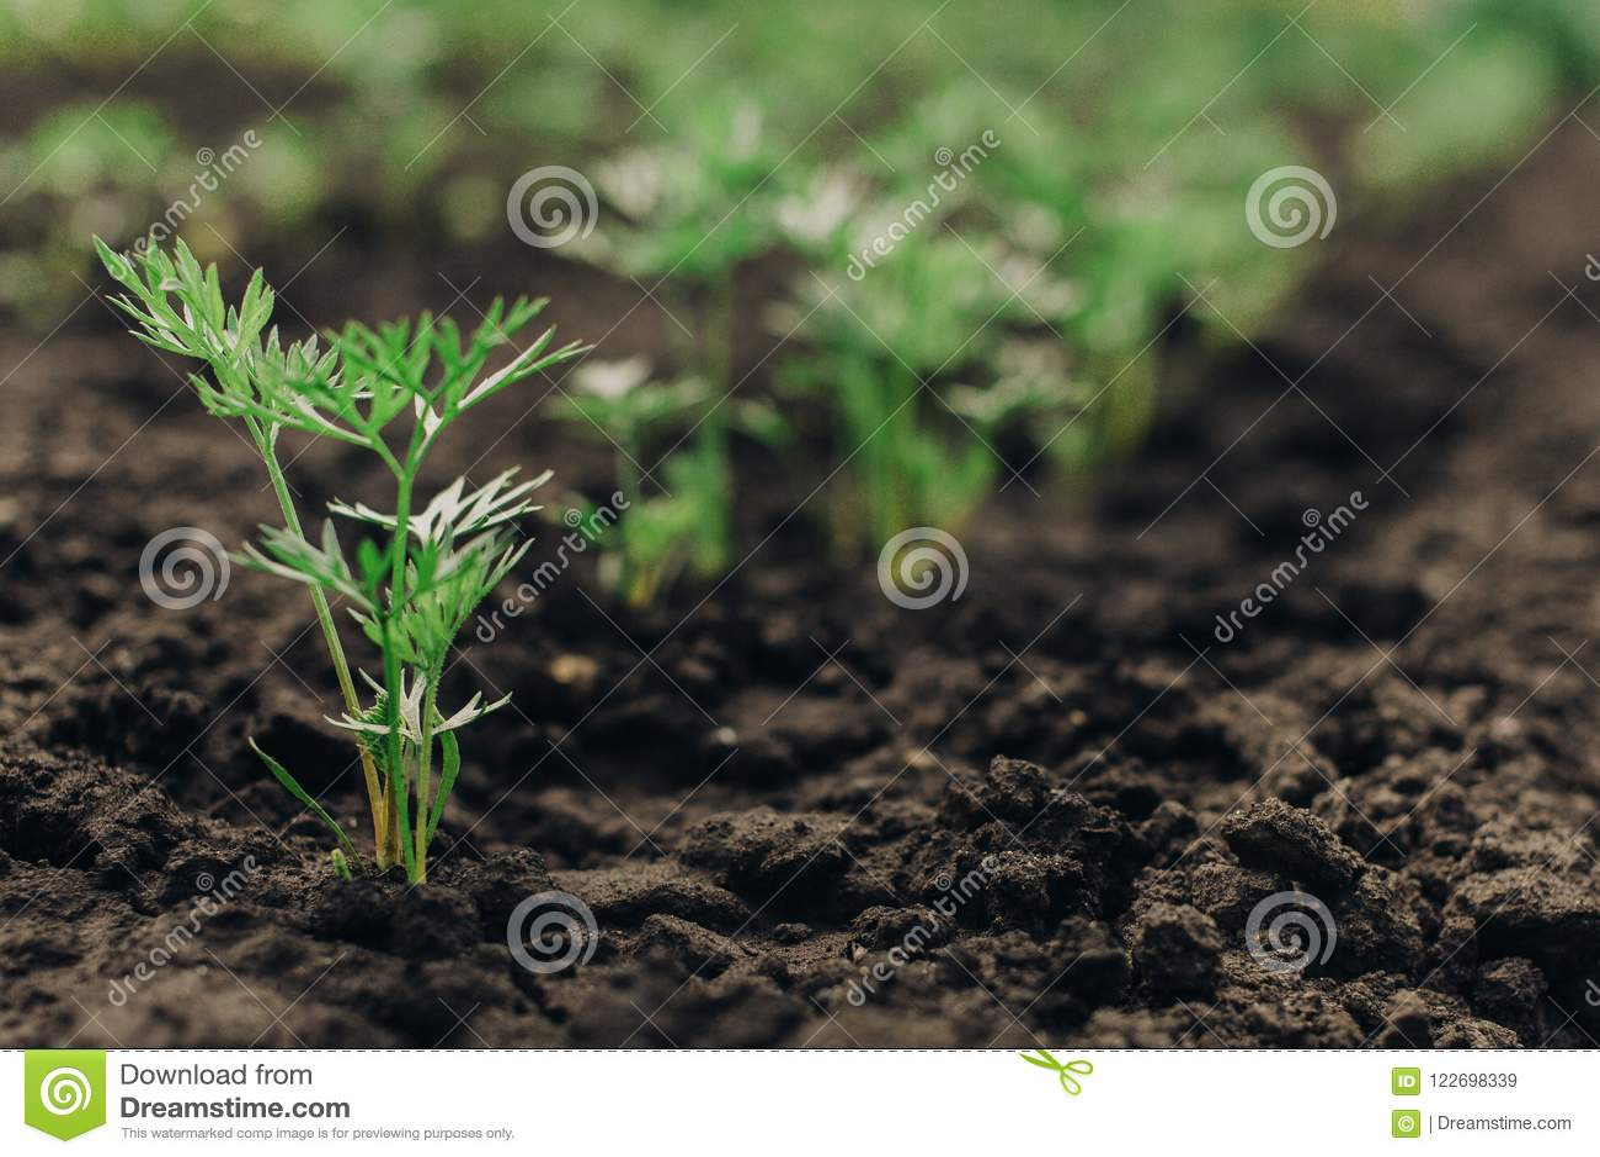 Jonge groene wortelplannen op een weg in de moestuin